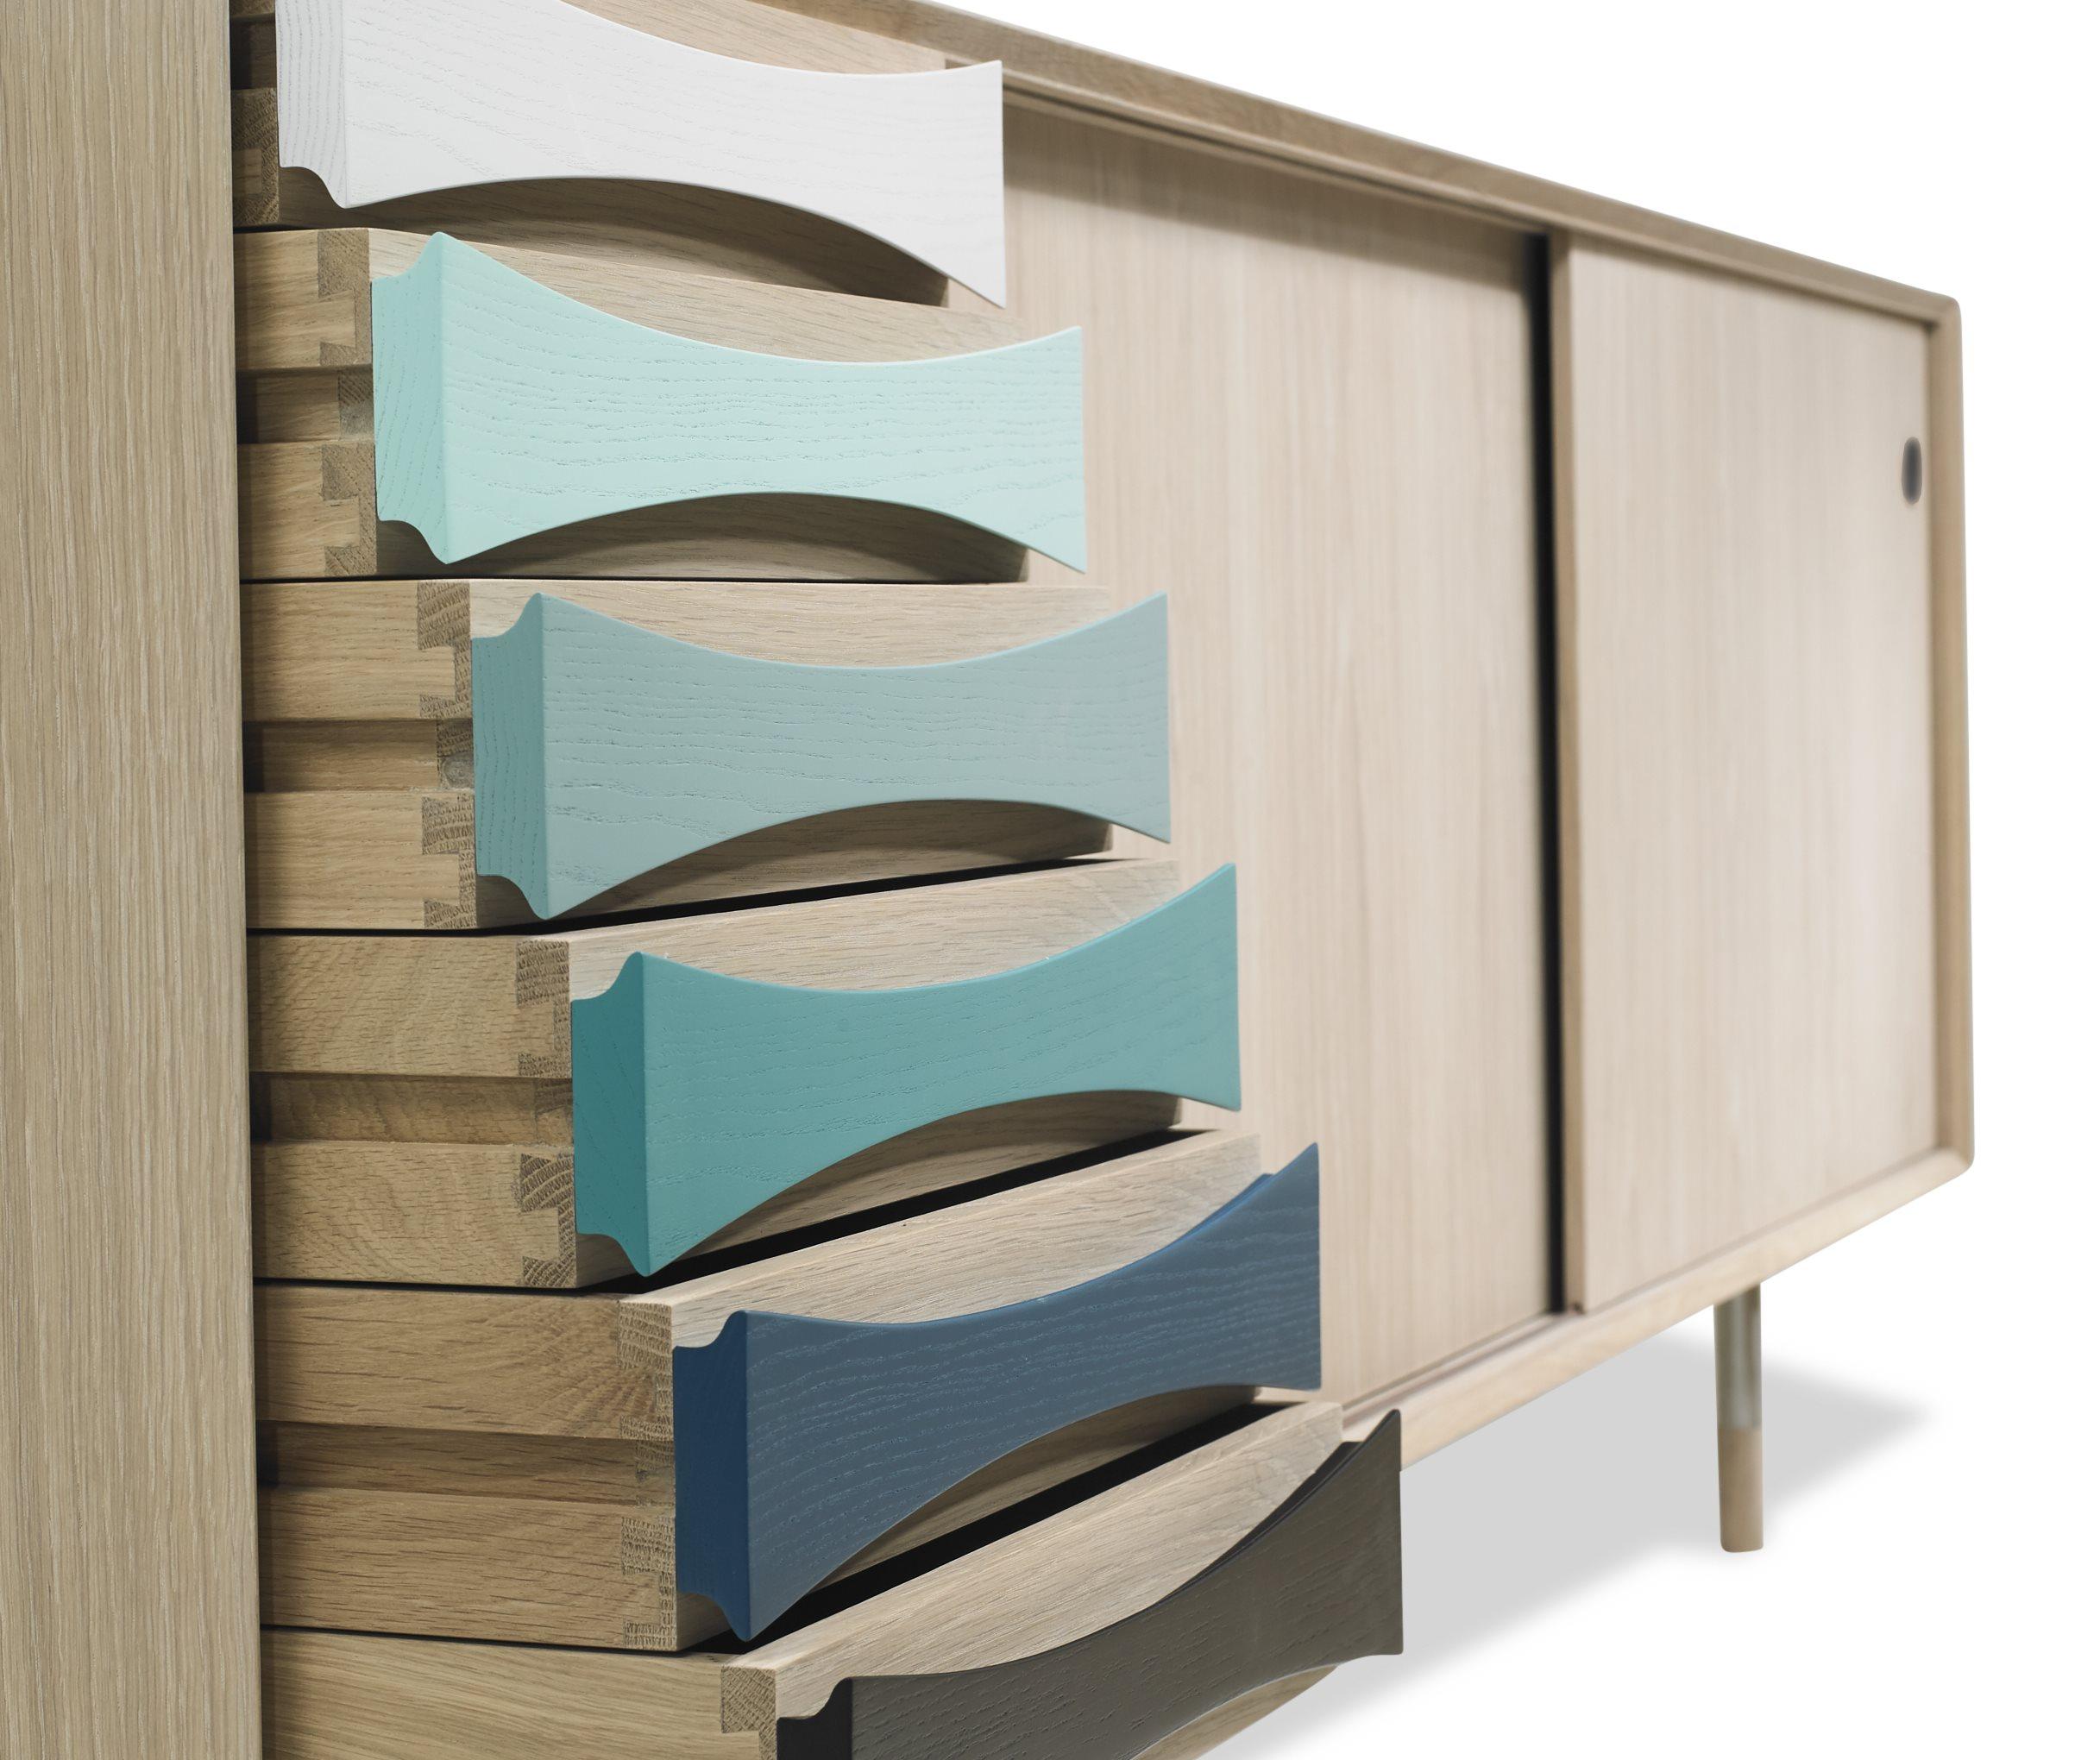 Arne-Vodder-skaenk-AV01-AV02-Eg-Oak-farver-detaljer.jpg